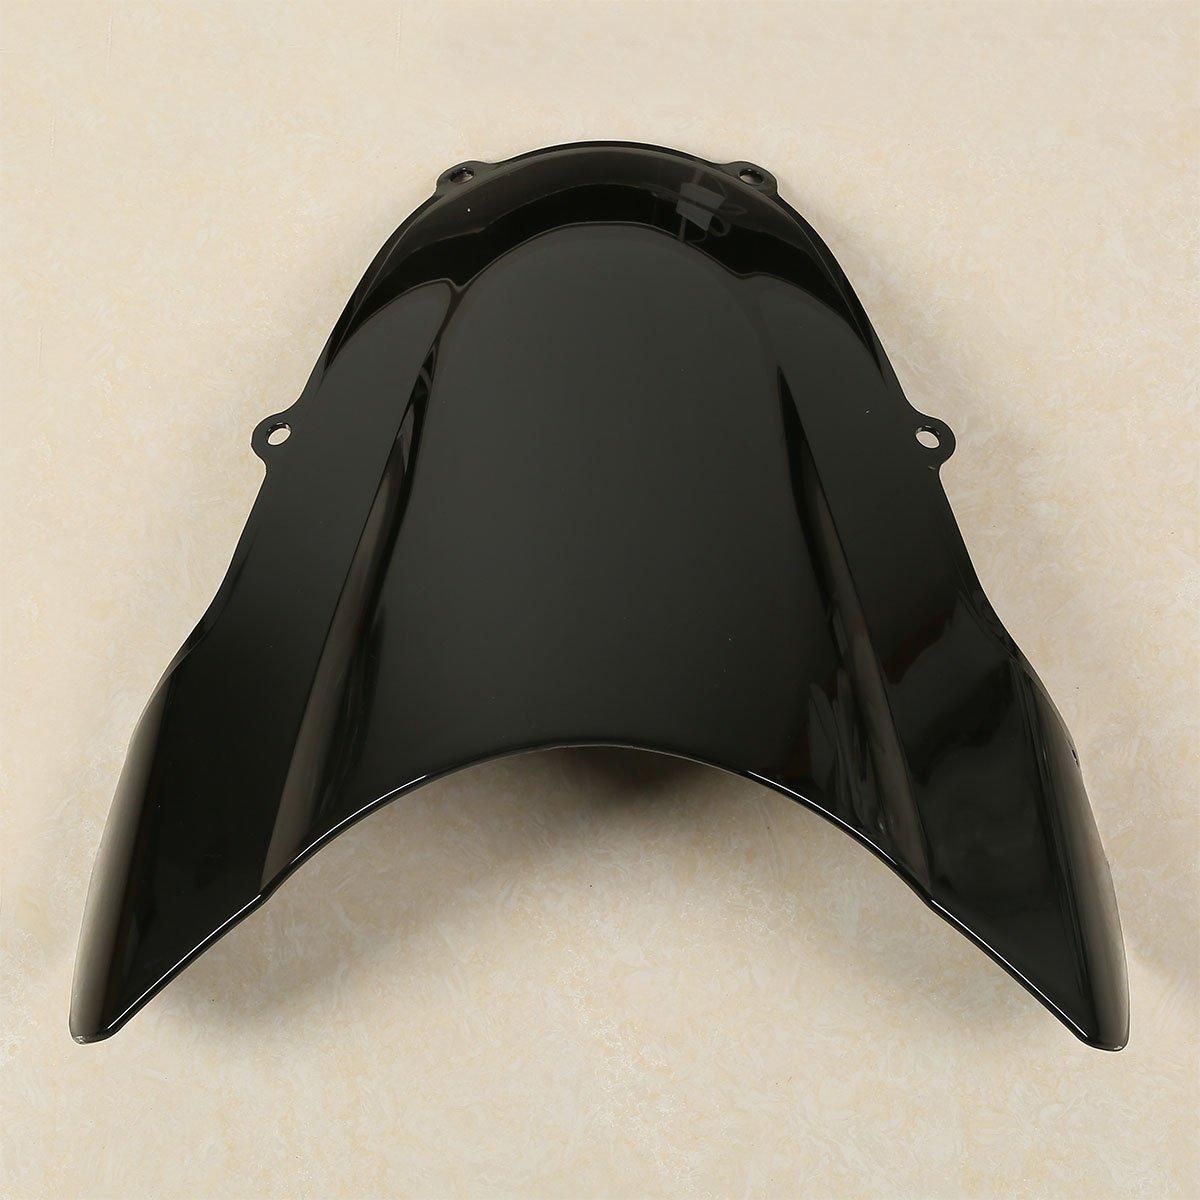 XFMT Windshield Windscreen Compatible with SUZUKI GSXR 600 GSX-R 750 2001-2003 GSXR1000 2001-2002